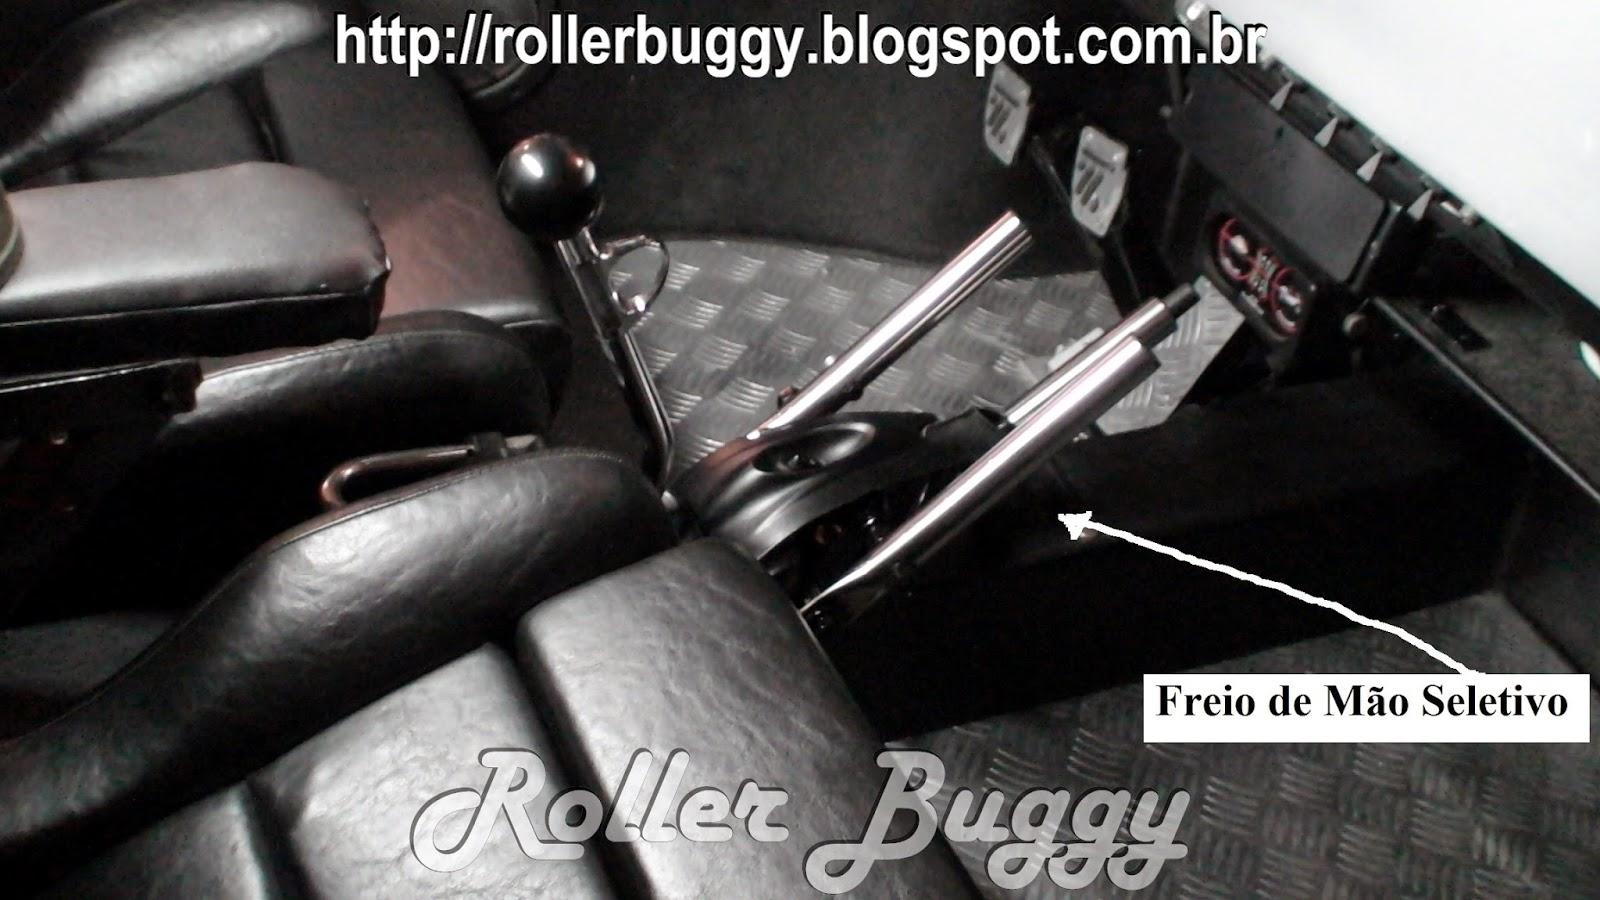 http://rollerbuggy.blogspot.com.br/2015/03/2014-setembro-freio-seletivo-e.html#more